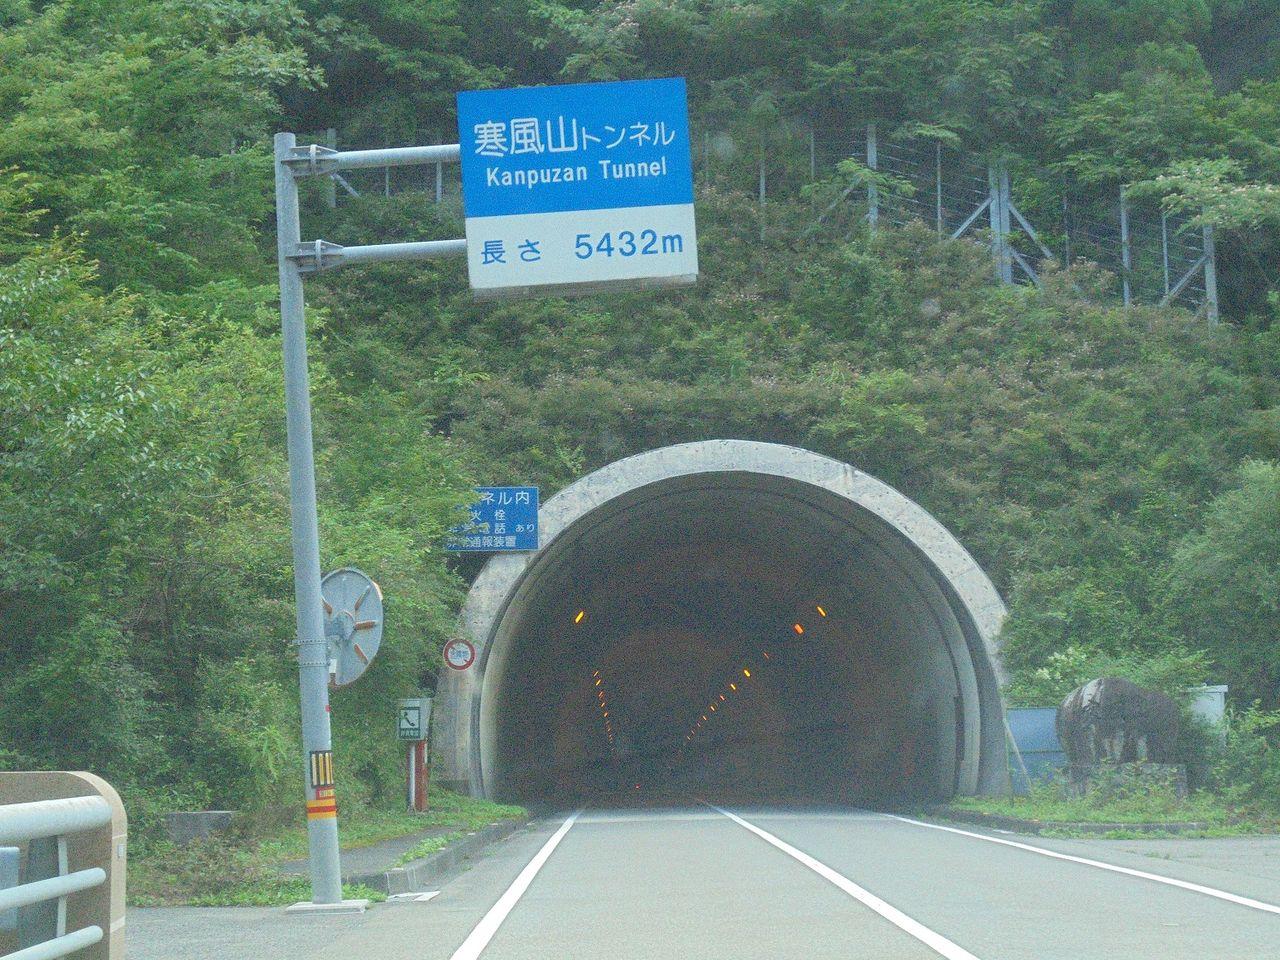 日本 で 一 番 長い トンネル